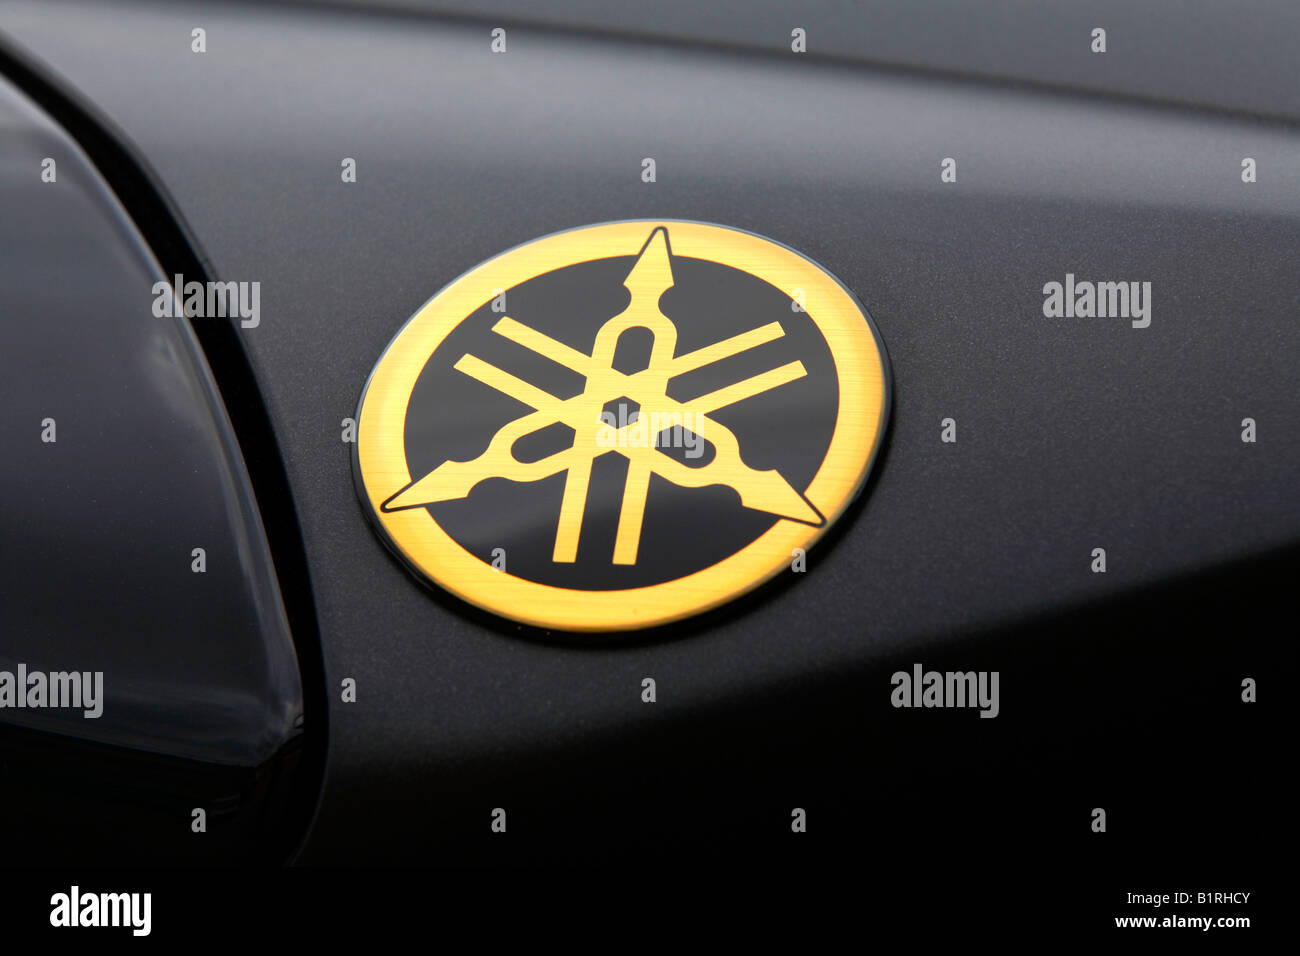 Yamaha Logo Stock Photos Yamaha Logo Stock Images Alamy